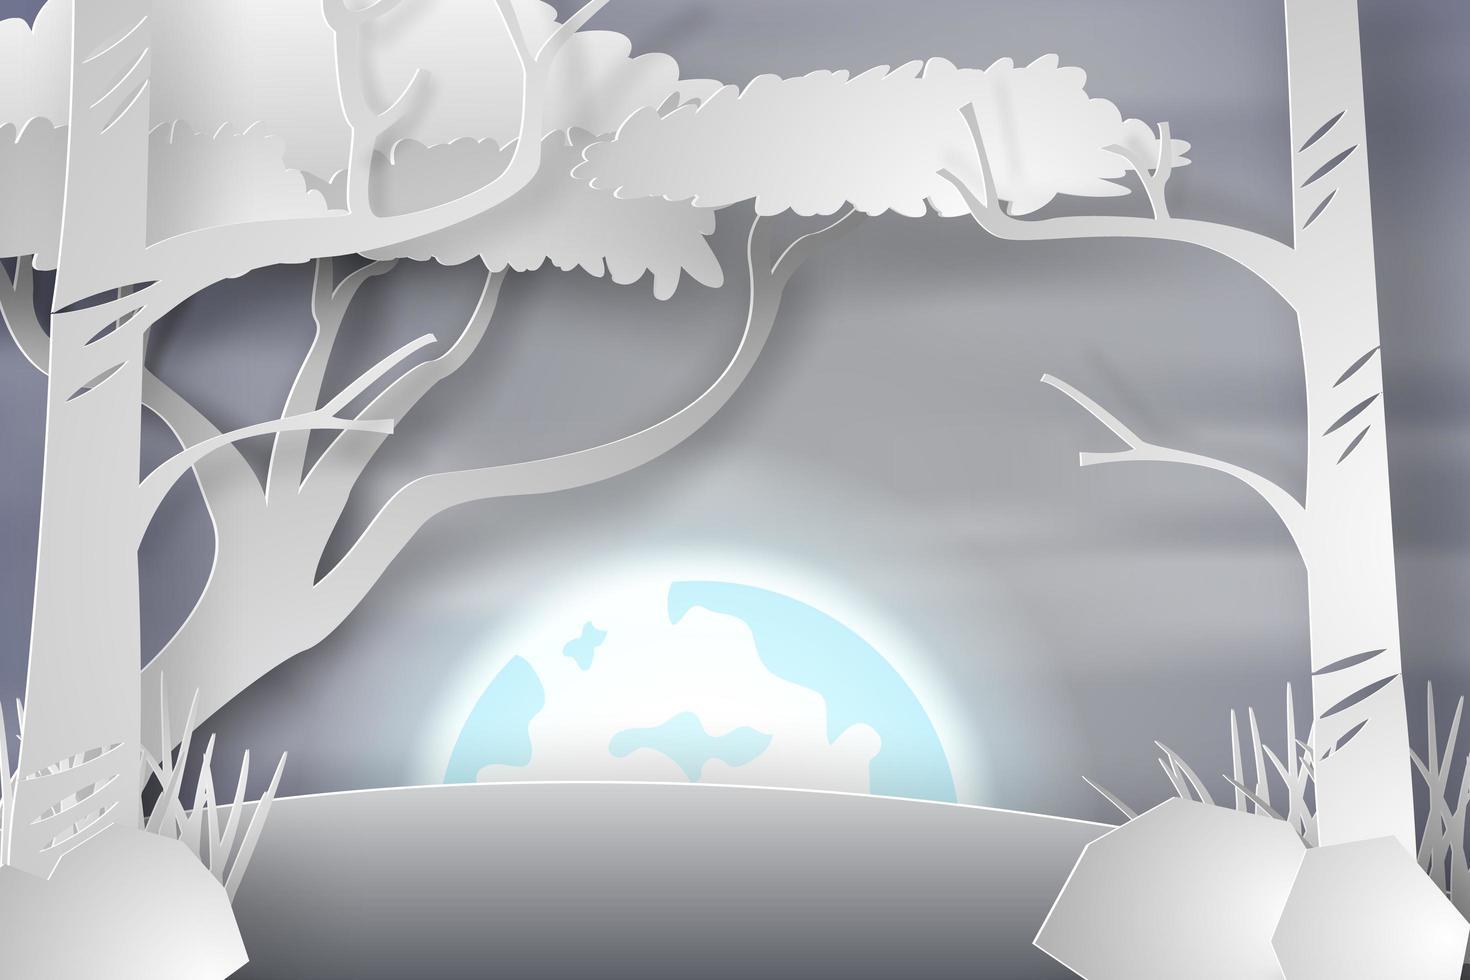 Papierkunstbäume im Schnee mit Vollmond vektor